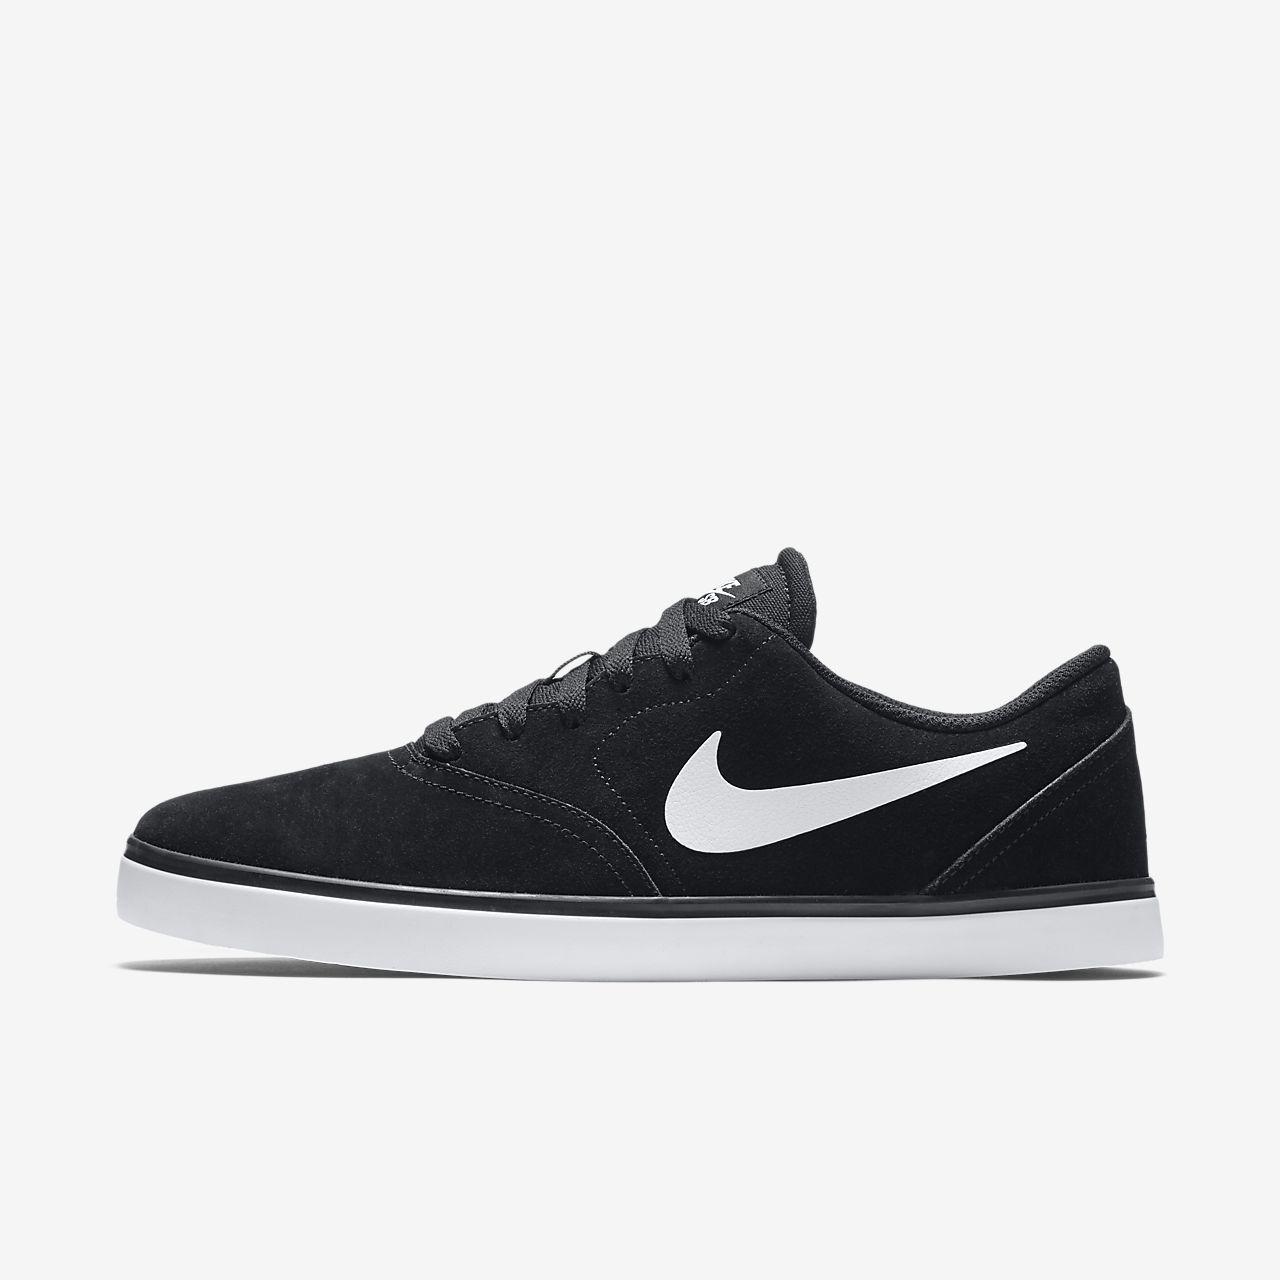 Nike SB Check 滑板鞋